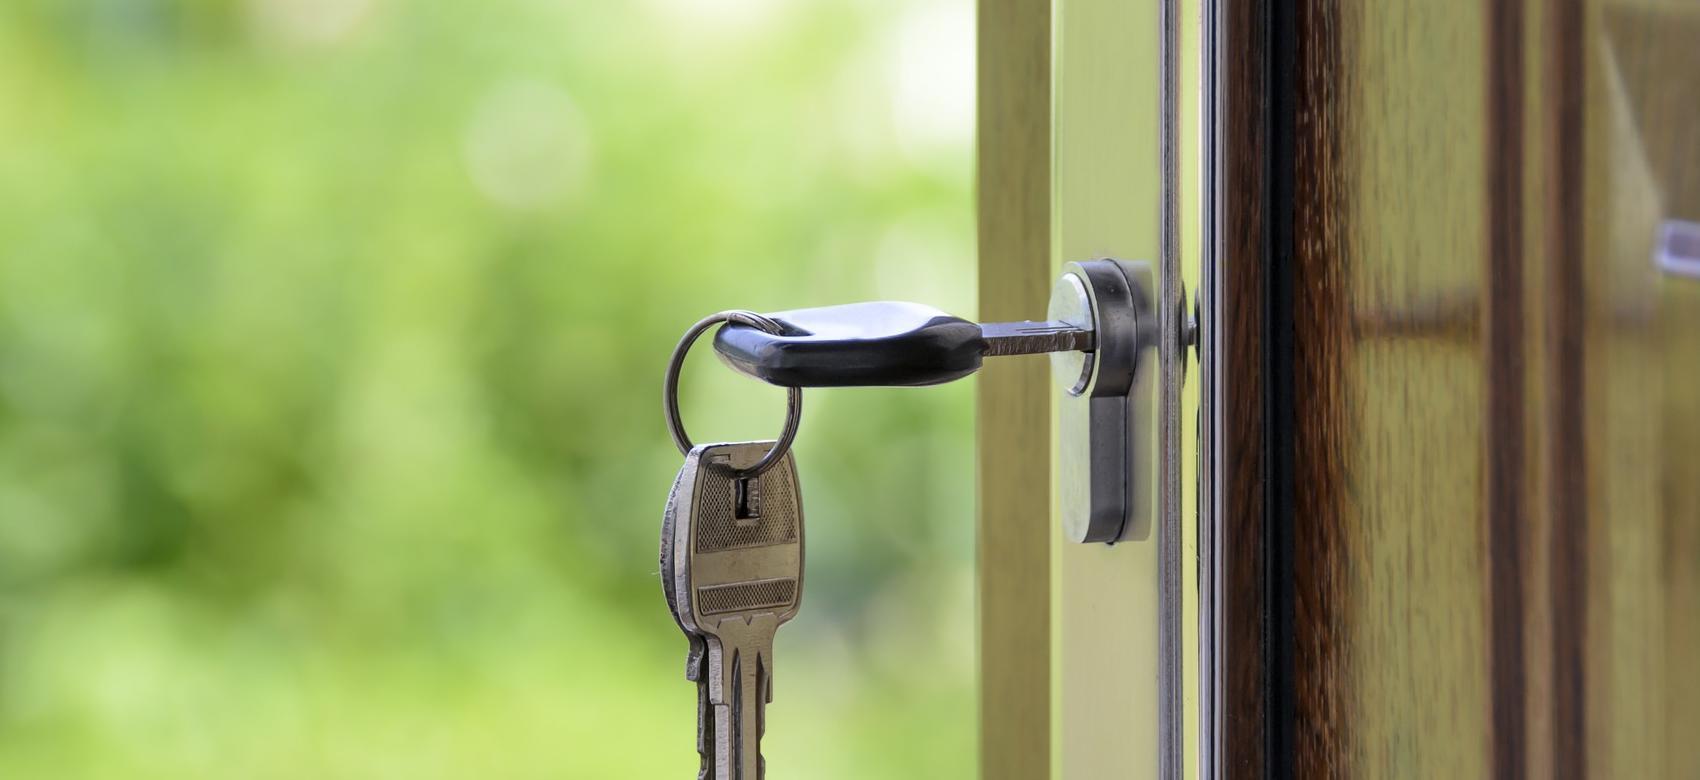 Llave en la cerradura de una puerta abriéndose